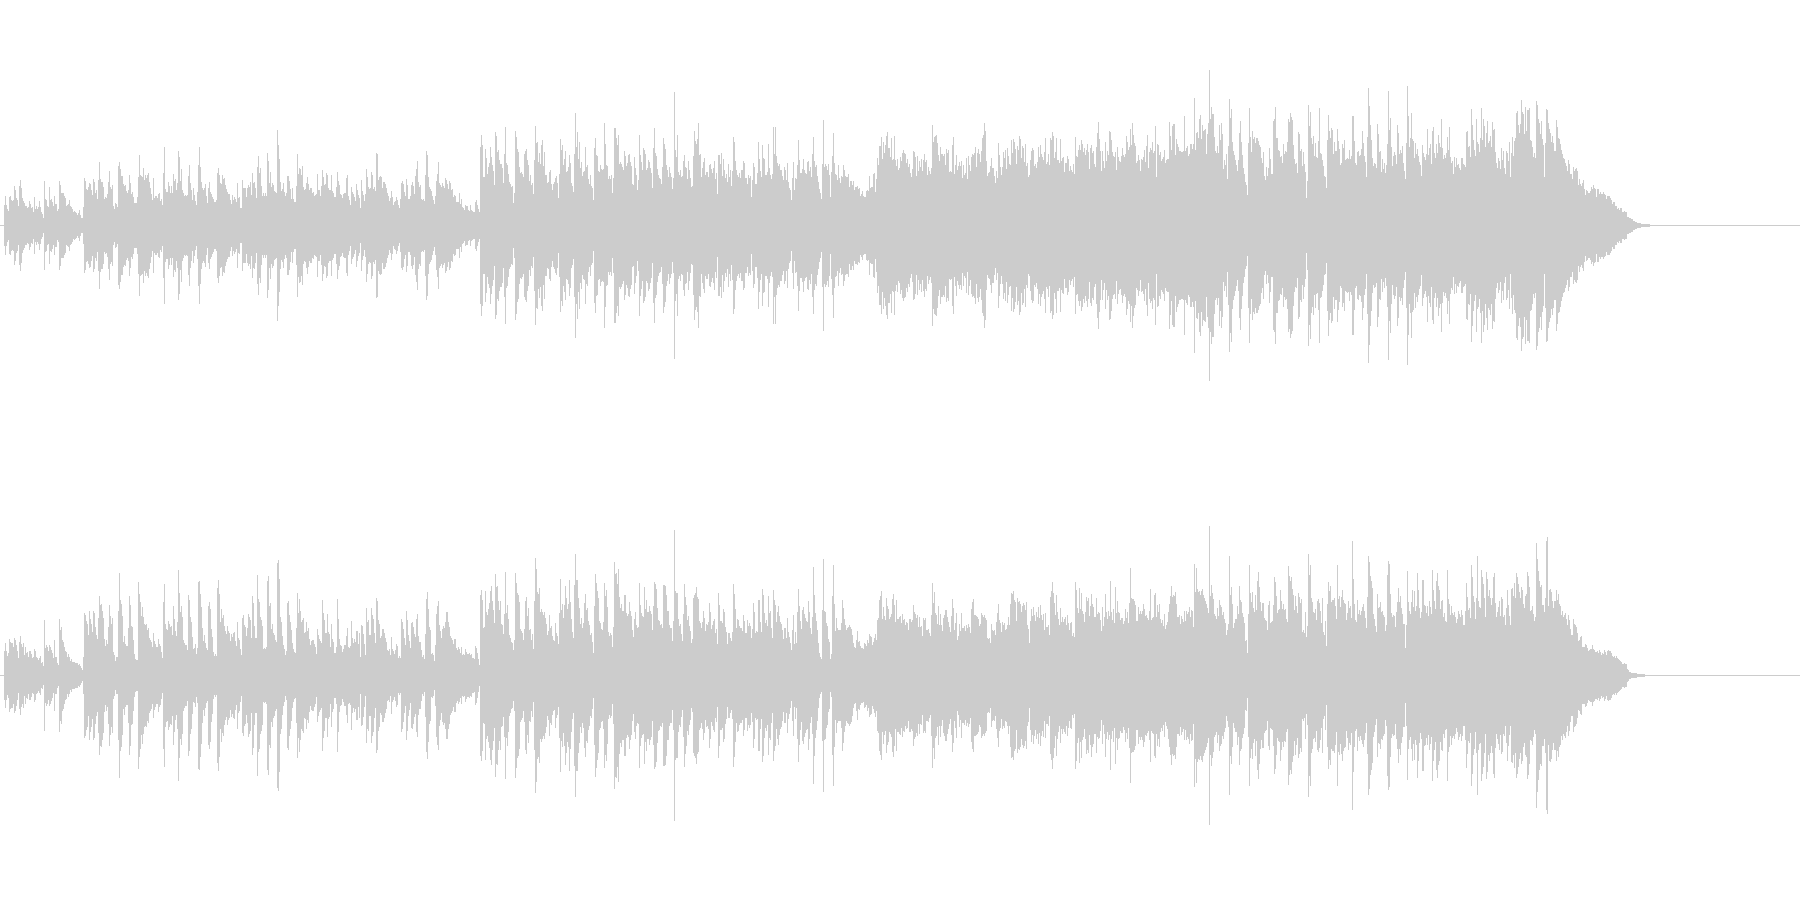 エレガントなボサノバ調アコースティックの未再生の波形